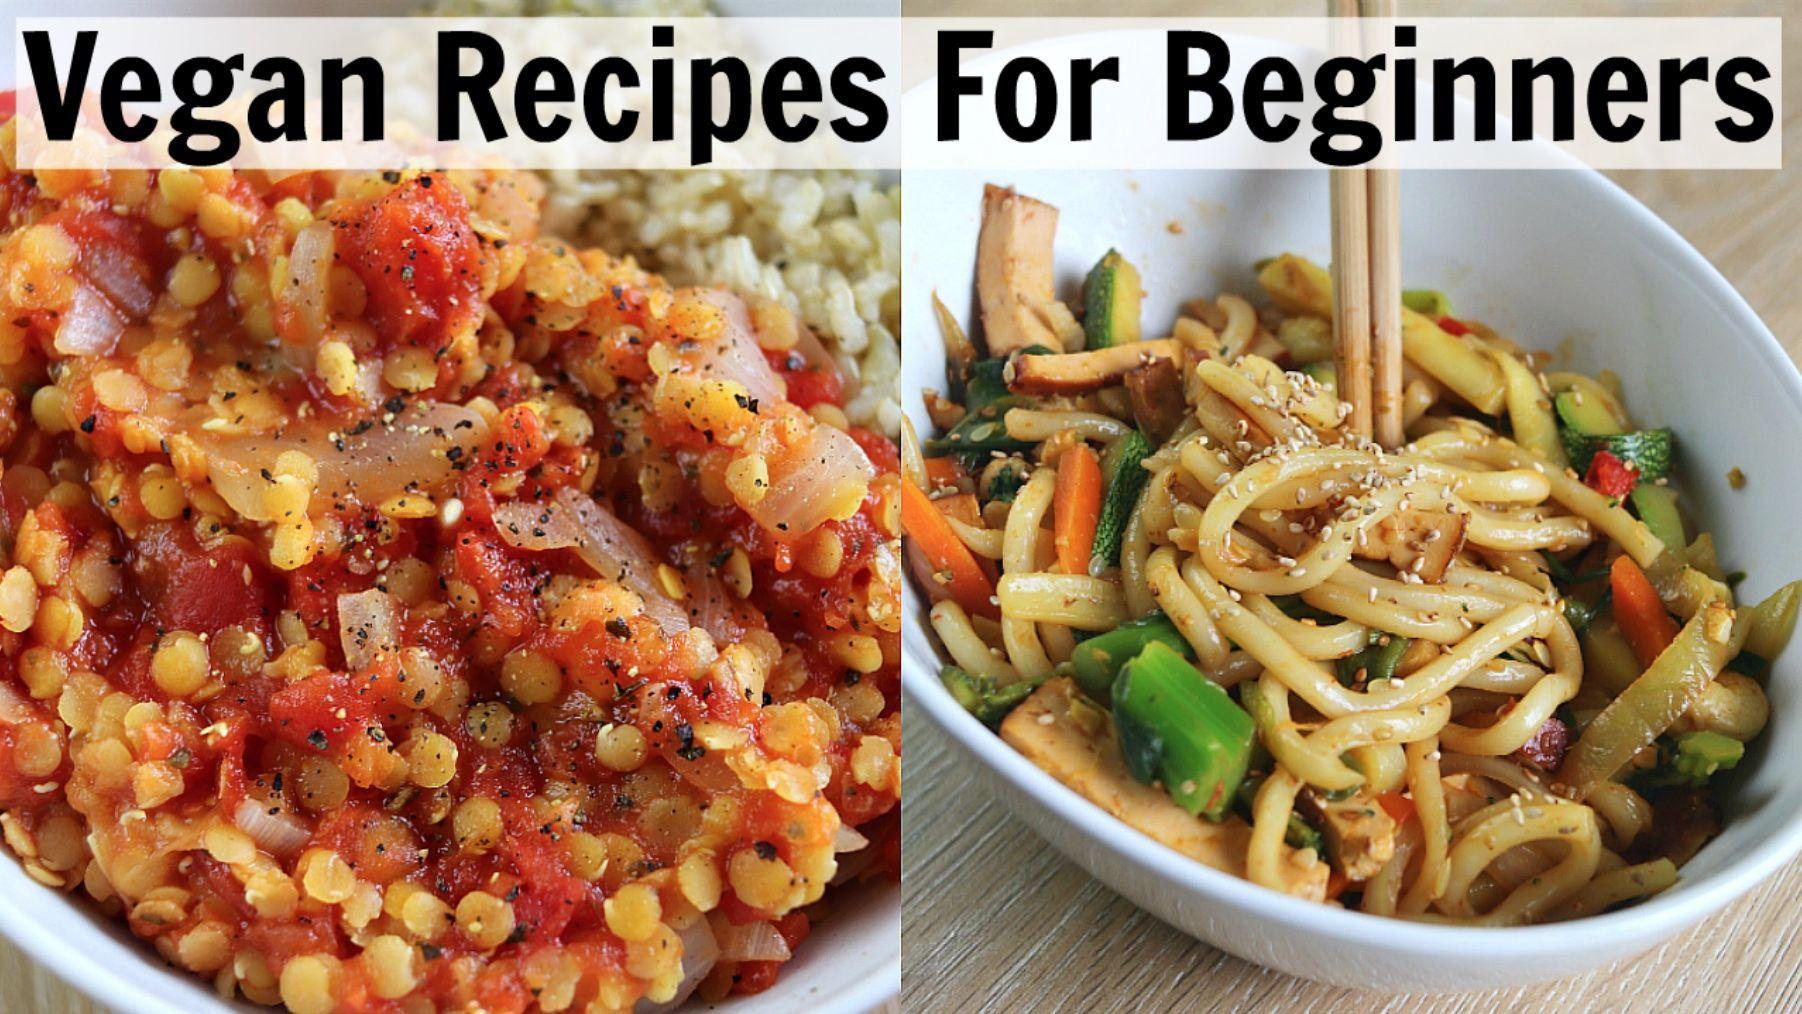 Easy Vegan Recipes For Beginner Cooks Vegan Recipes Beginner